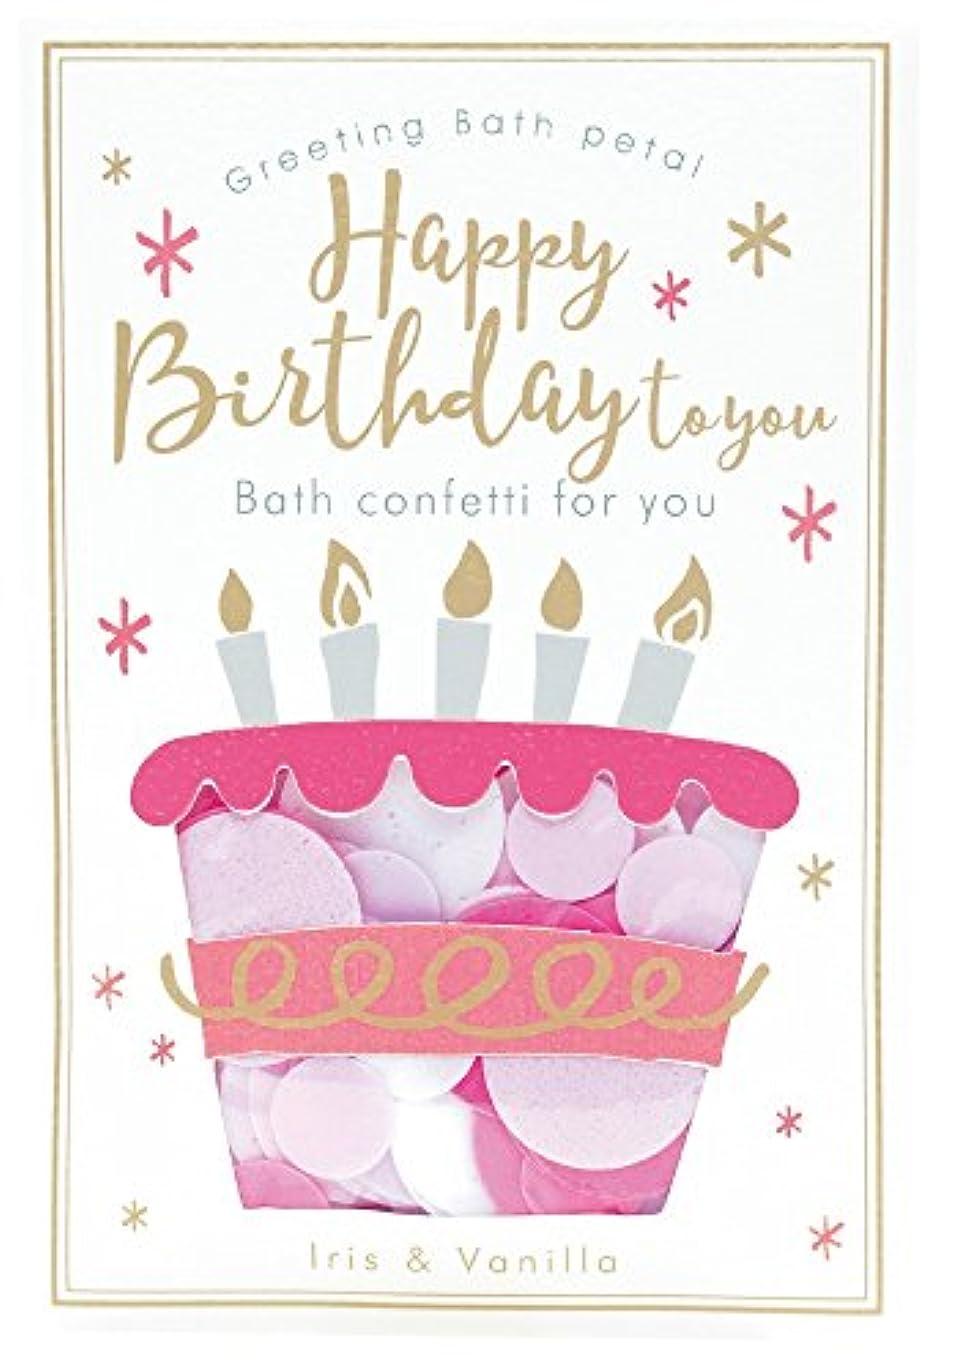 連鎖アカデミックパケットノルコーポレーション 入浴剤 バスペタル グリーティングバスペタル Happy Bierthday to you 12g アイリス & バニラの香り OB-GTP-1-3